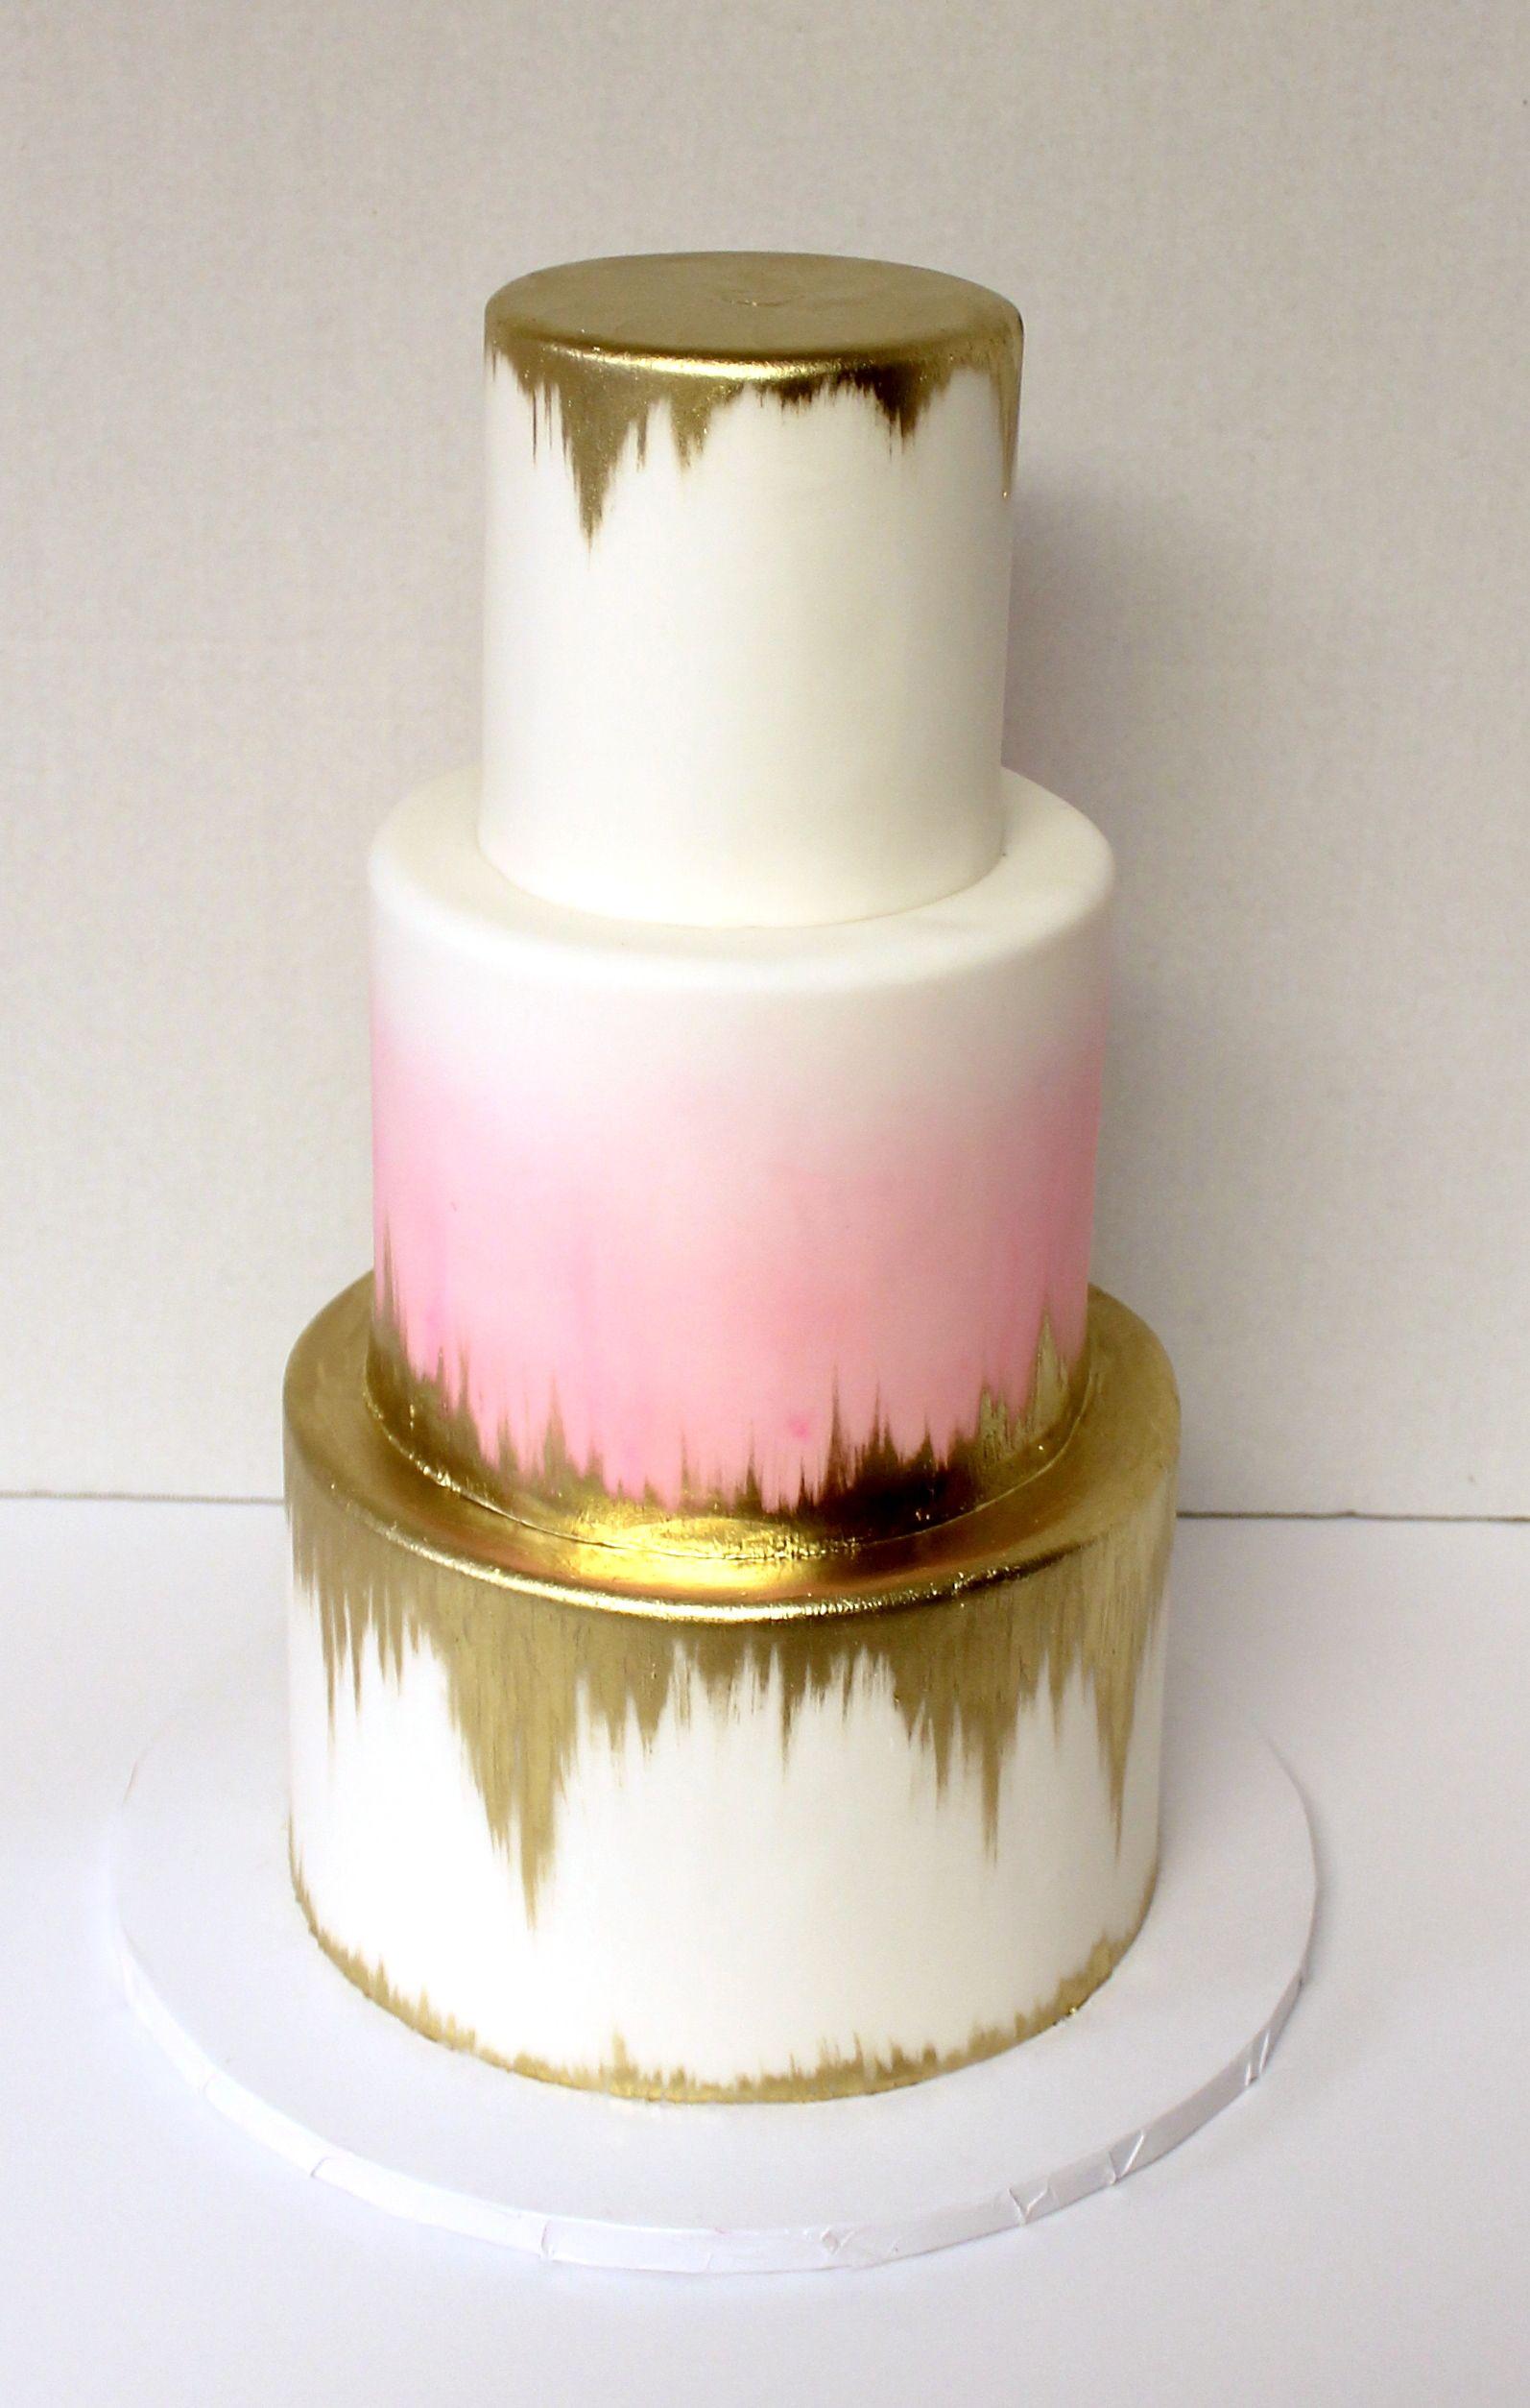 Gold metallic semi,drip cake with watercolor weddingcake